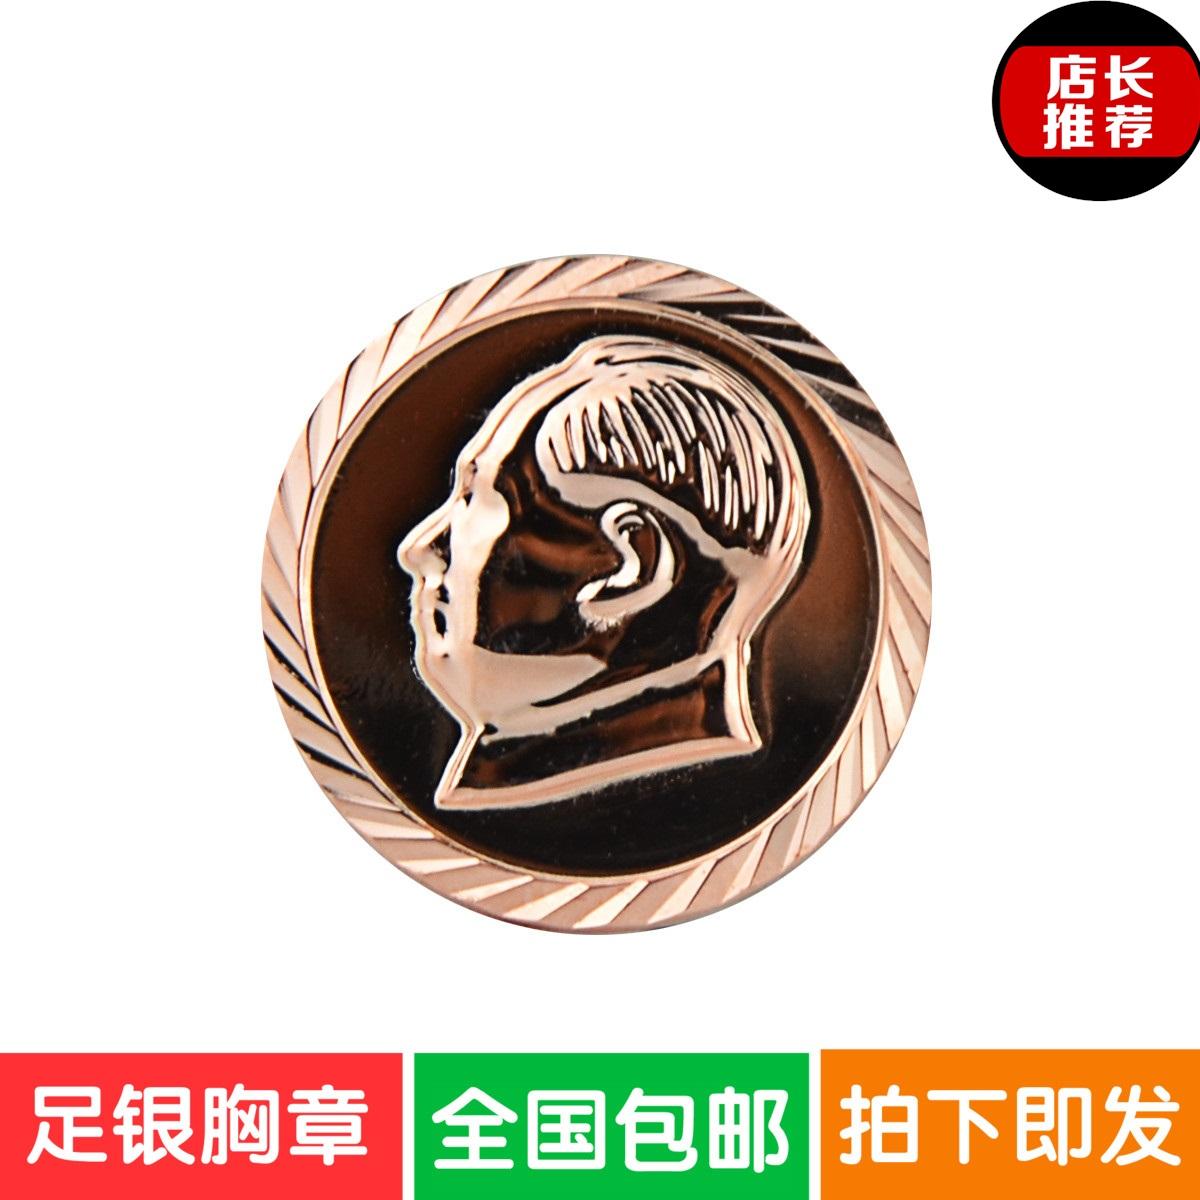 毛主像人物头像纯银足银彩银胸针饰品伟人毛泽东纪念像章徽章包邮